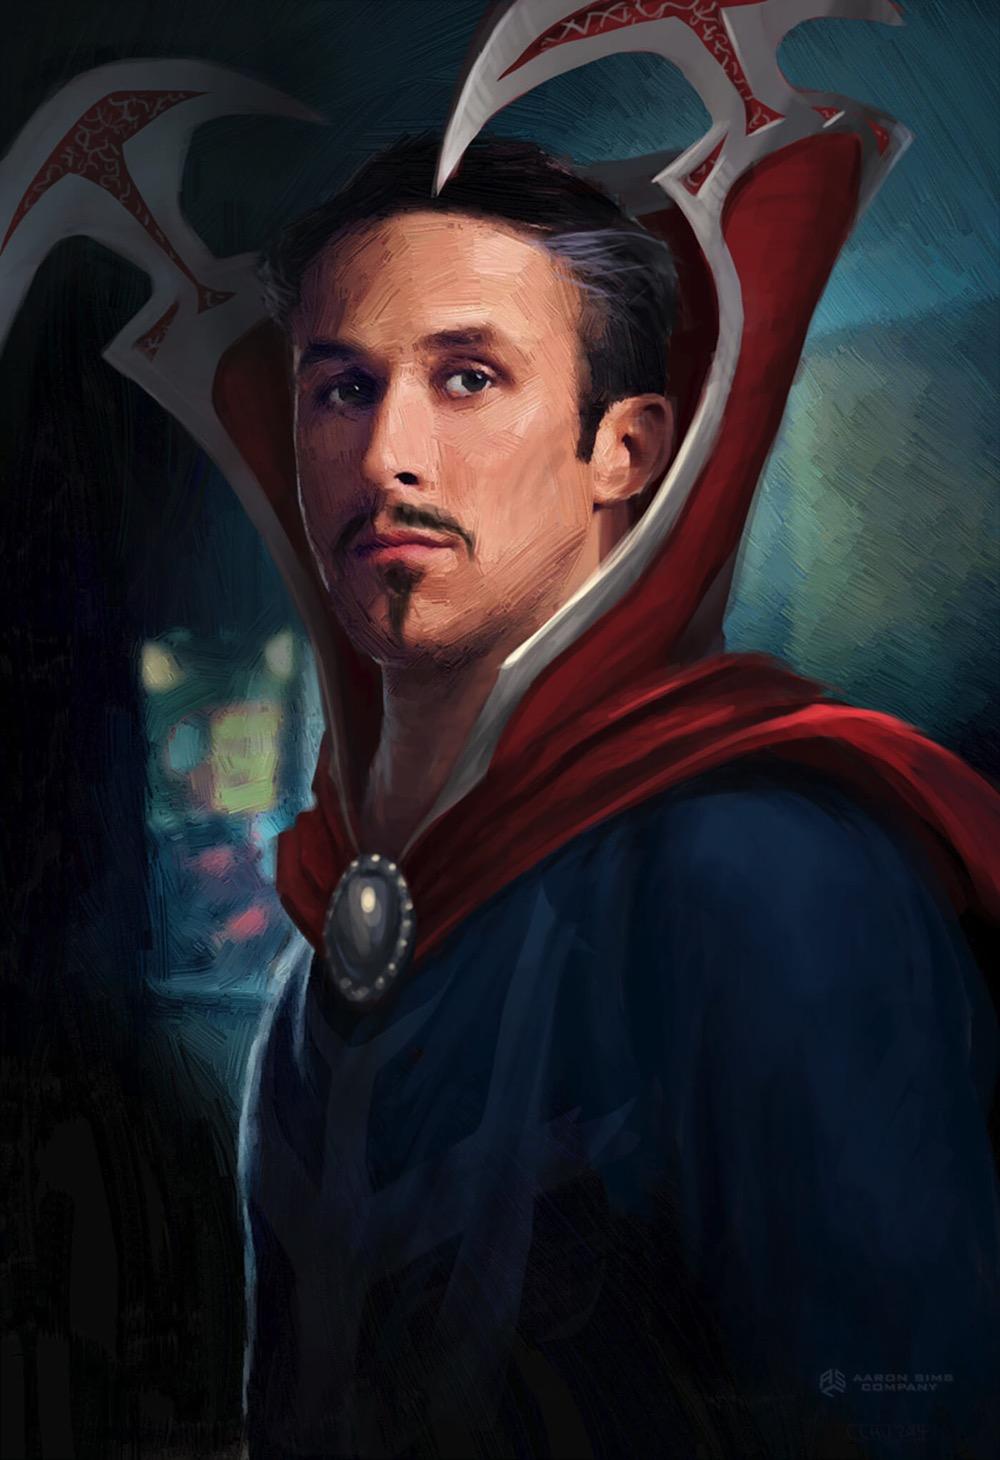 Doctor strange concept art ryan gosling